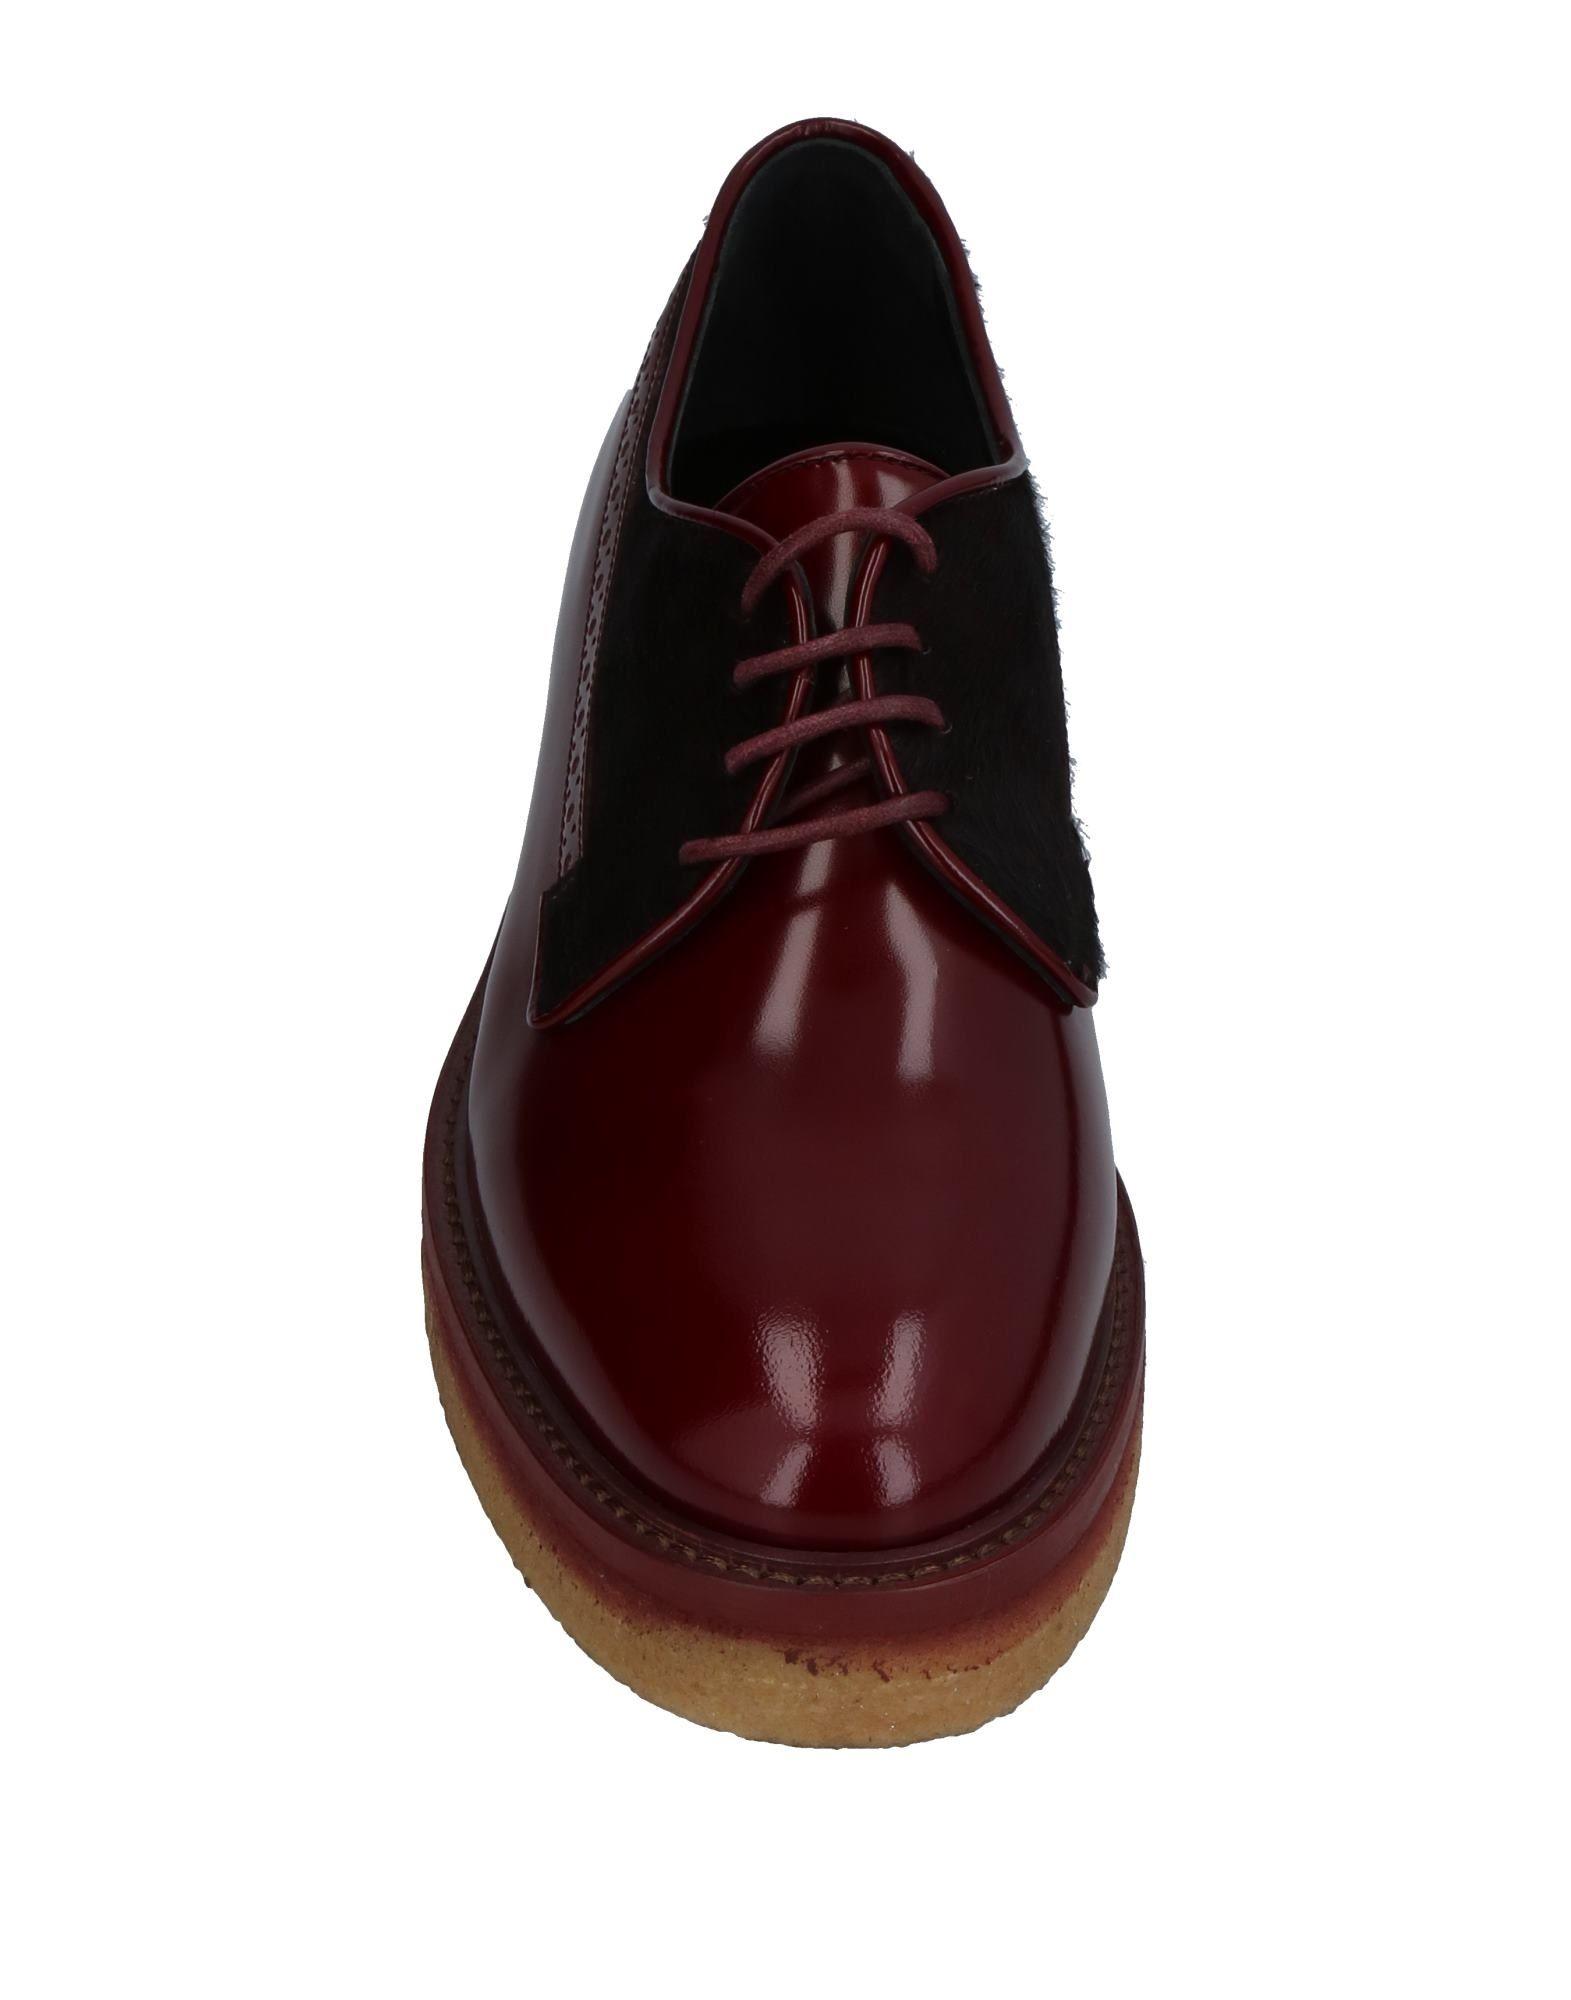 Etro Schnürschuhe Damen 11395722REGut strapazierfähige aussehende strapazierfähige 11395722REGut Schuhe c82c42